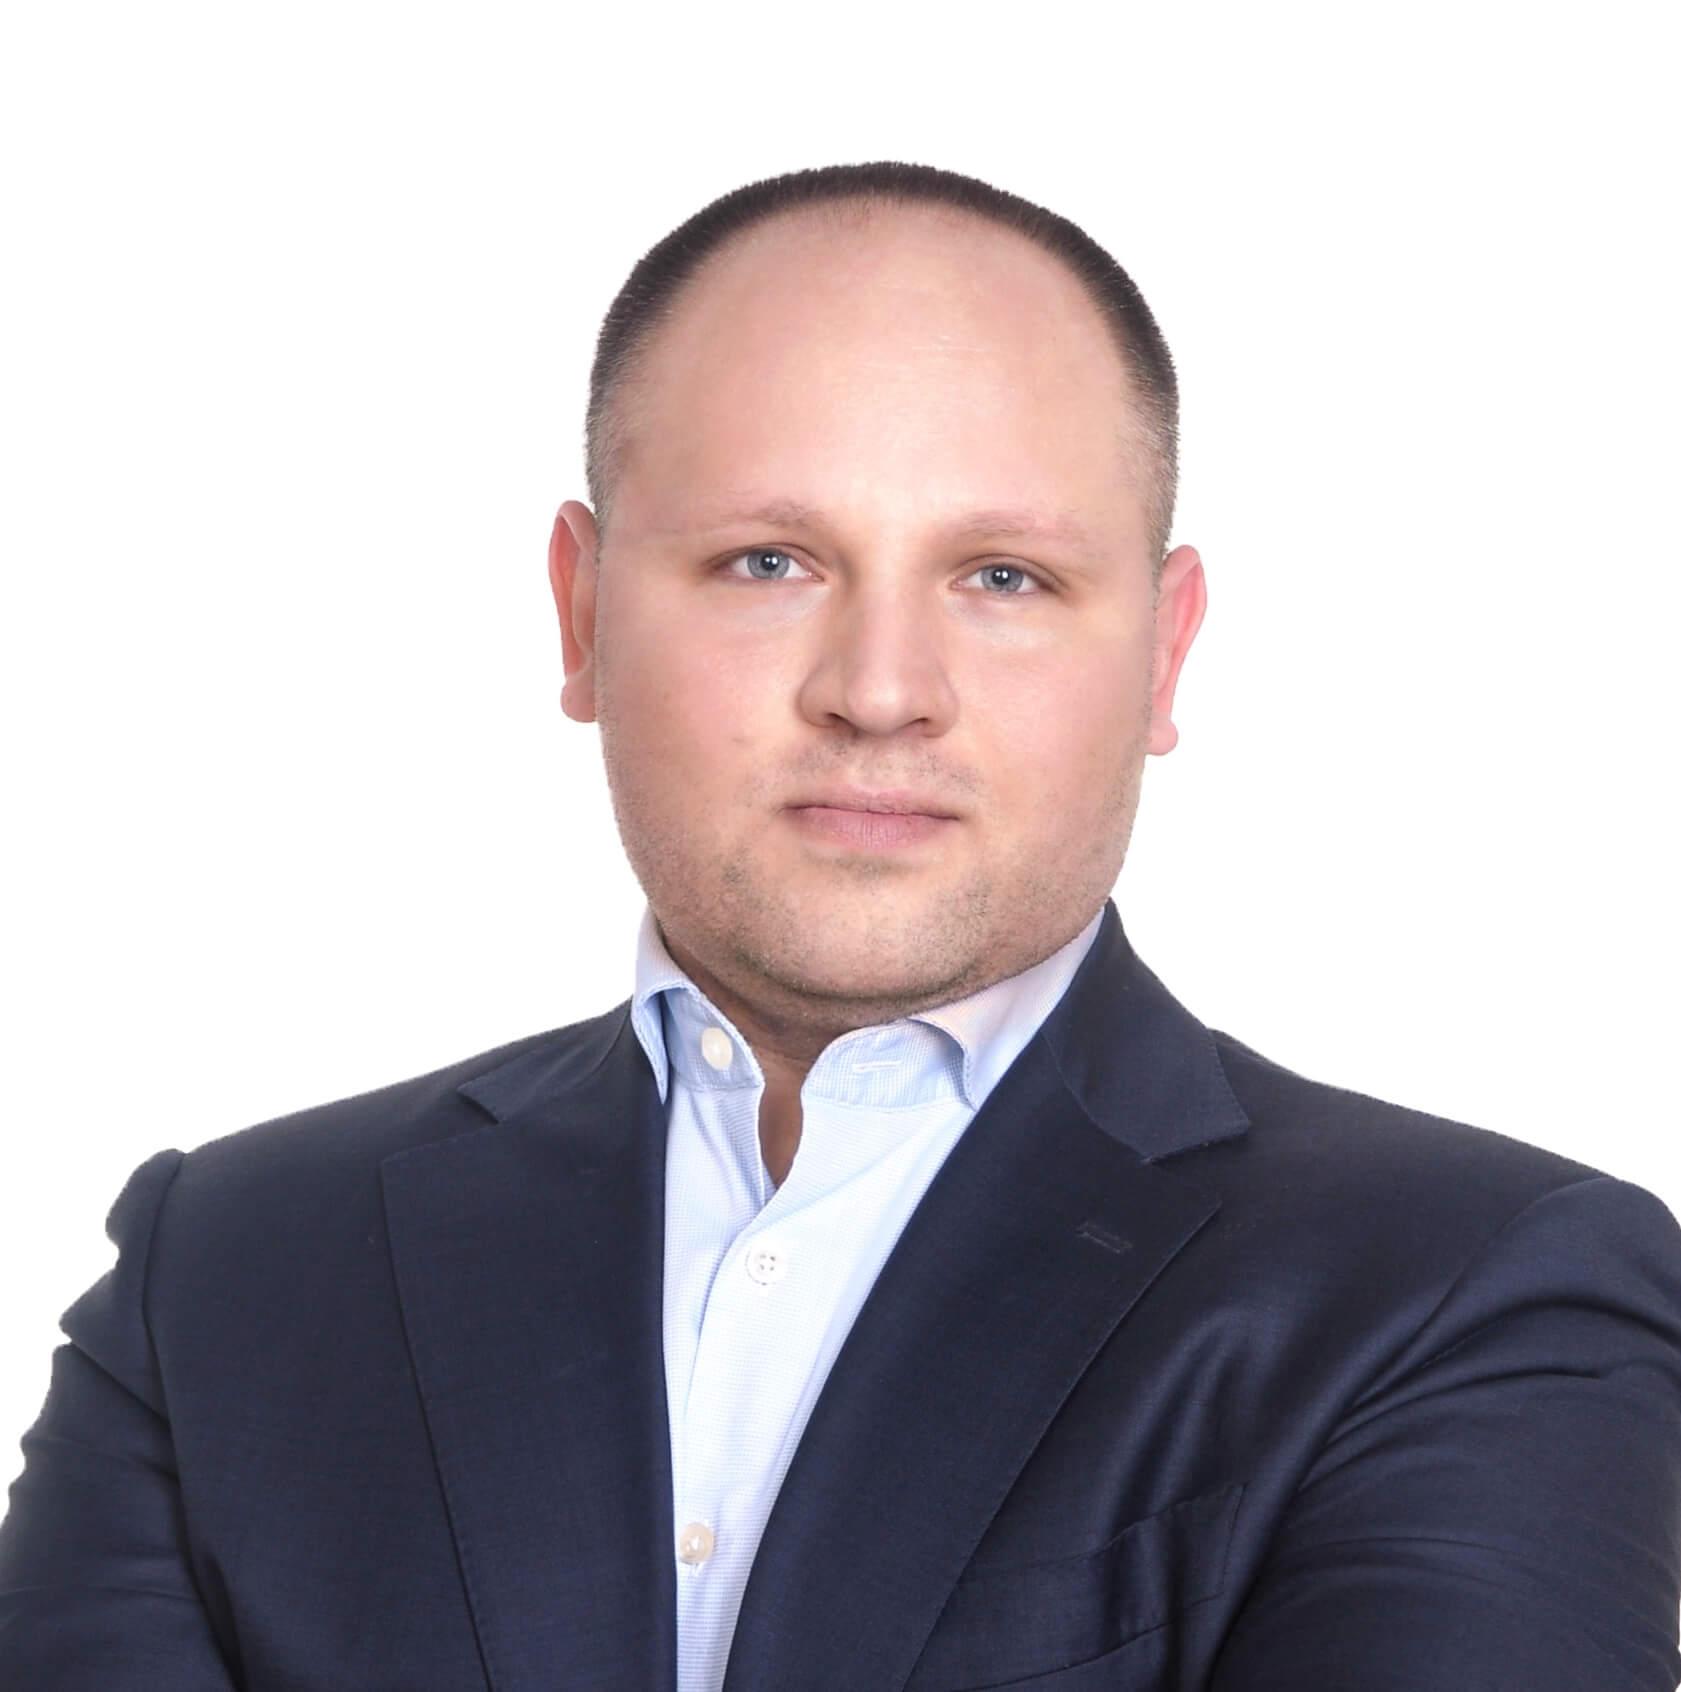 Piotr Świętek